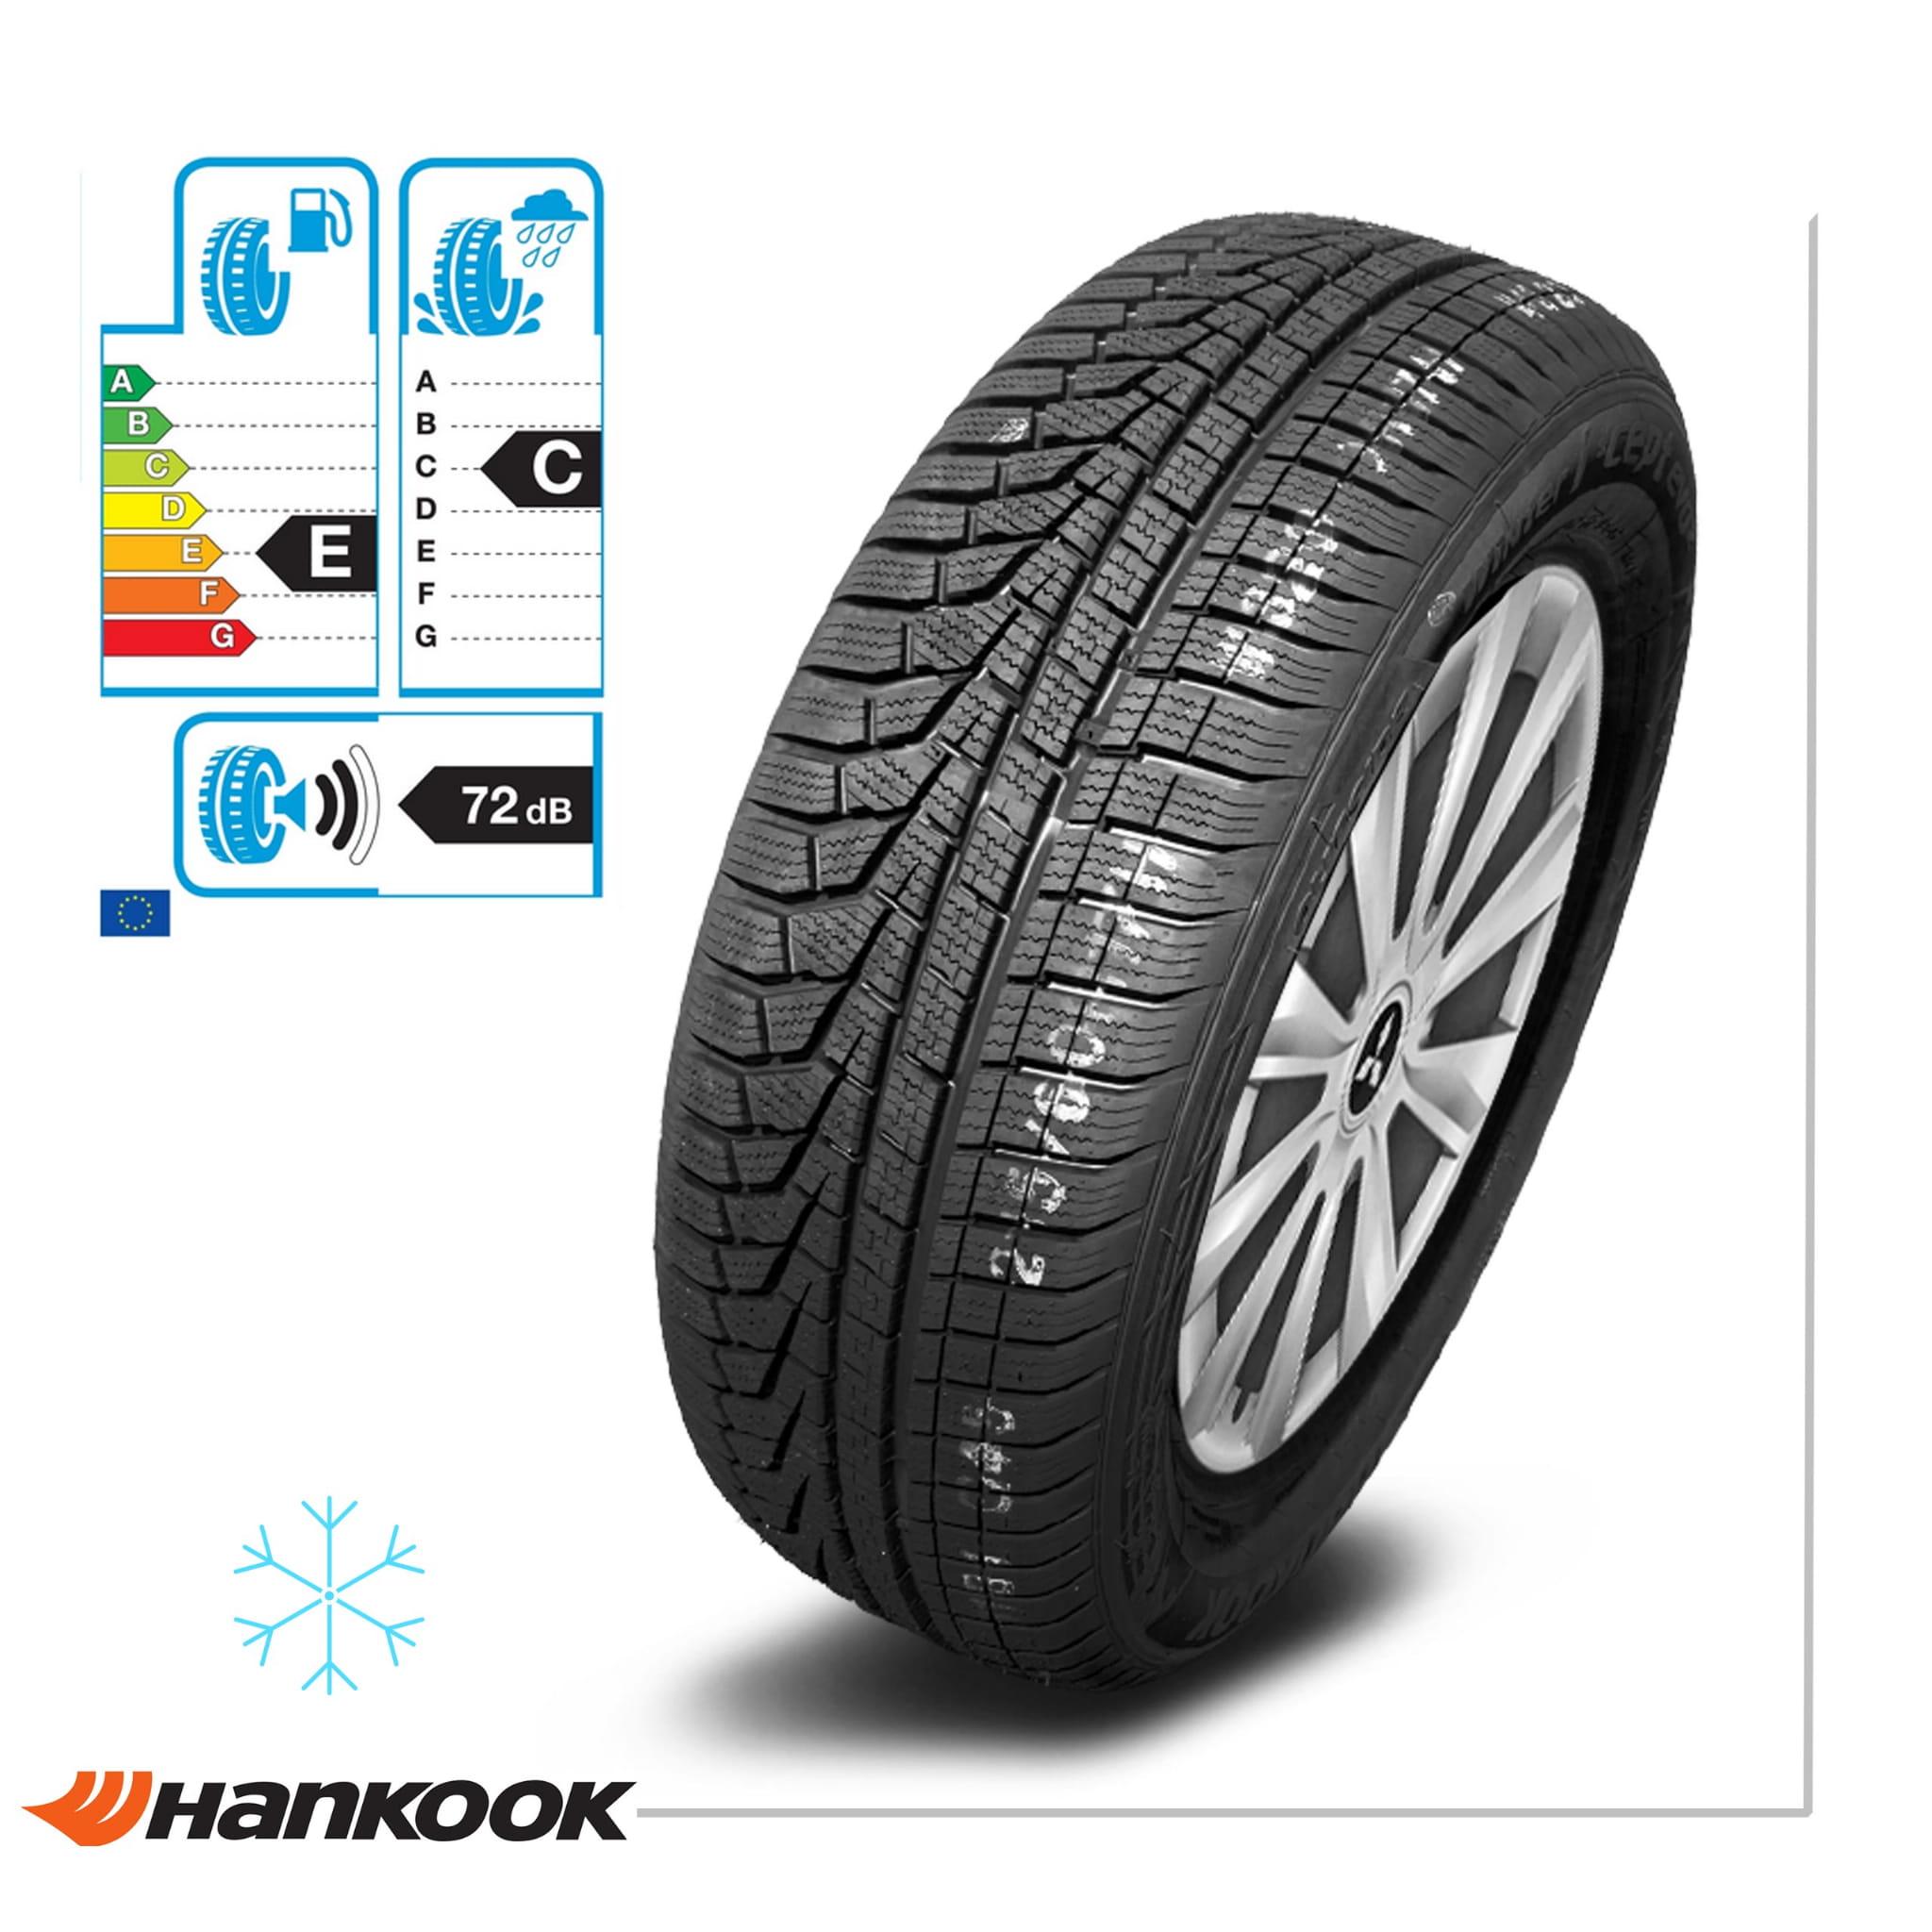 Rewelacyjny Opony zimowe Hankook części i akcesoria motoryzacyjne sklep online EZ48